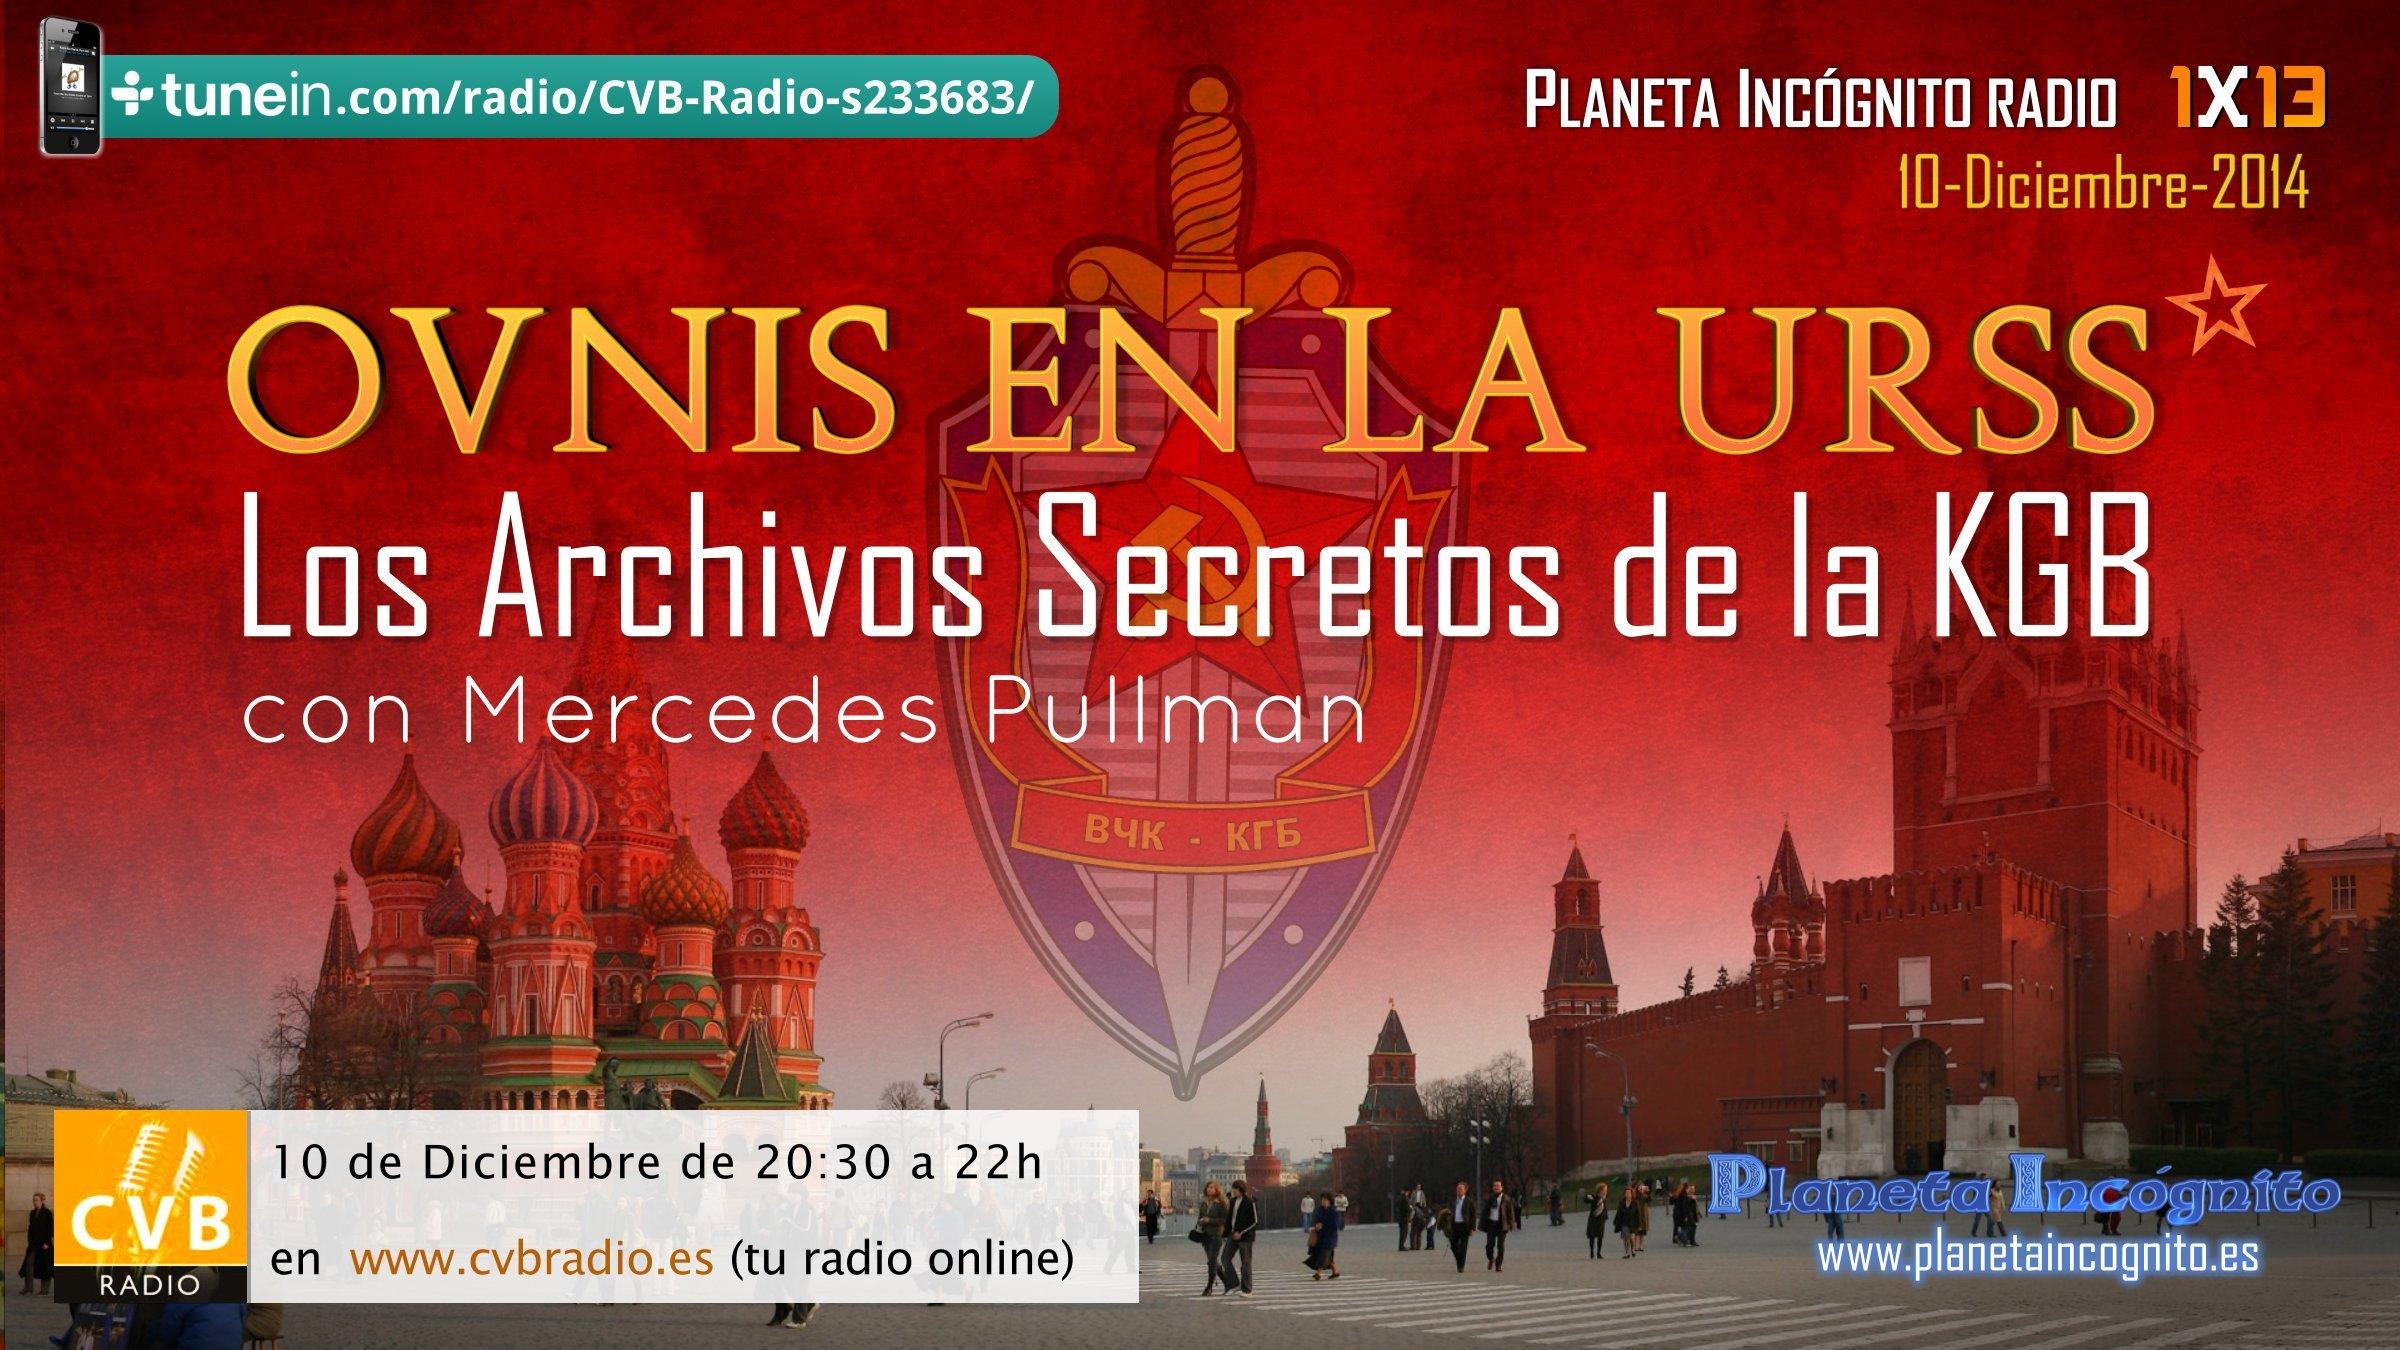 Programa 1x13 Ovnis en la URSS: Los Archivos Secretos de la KGB 2